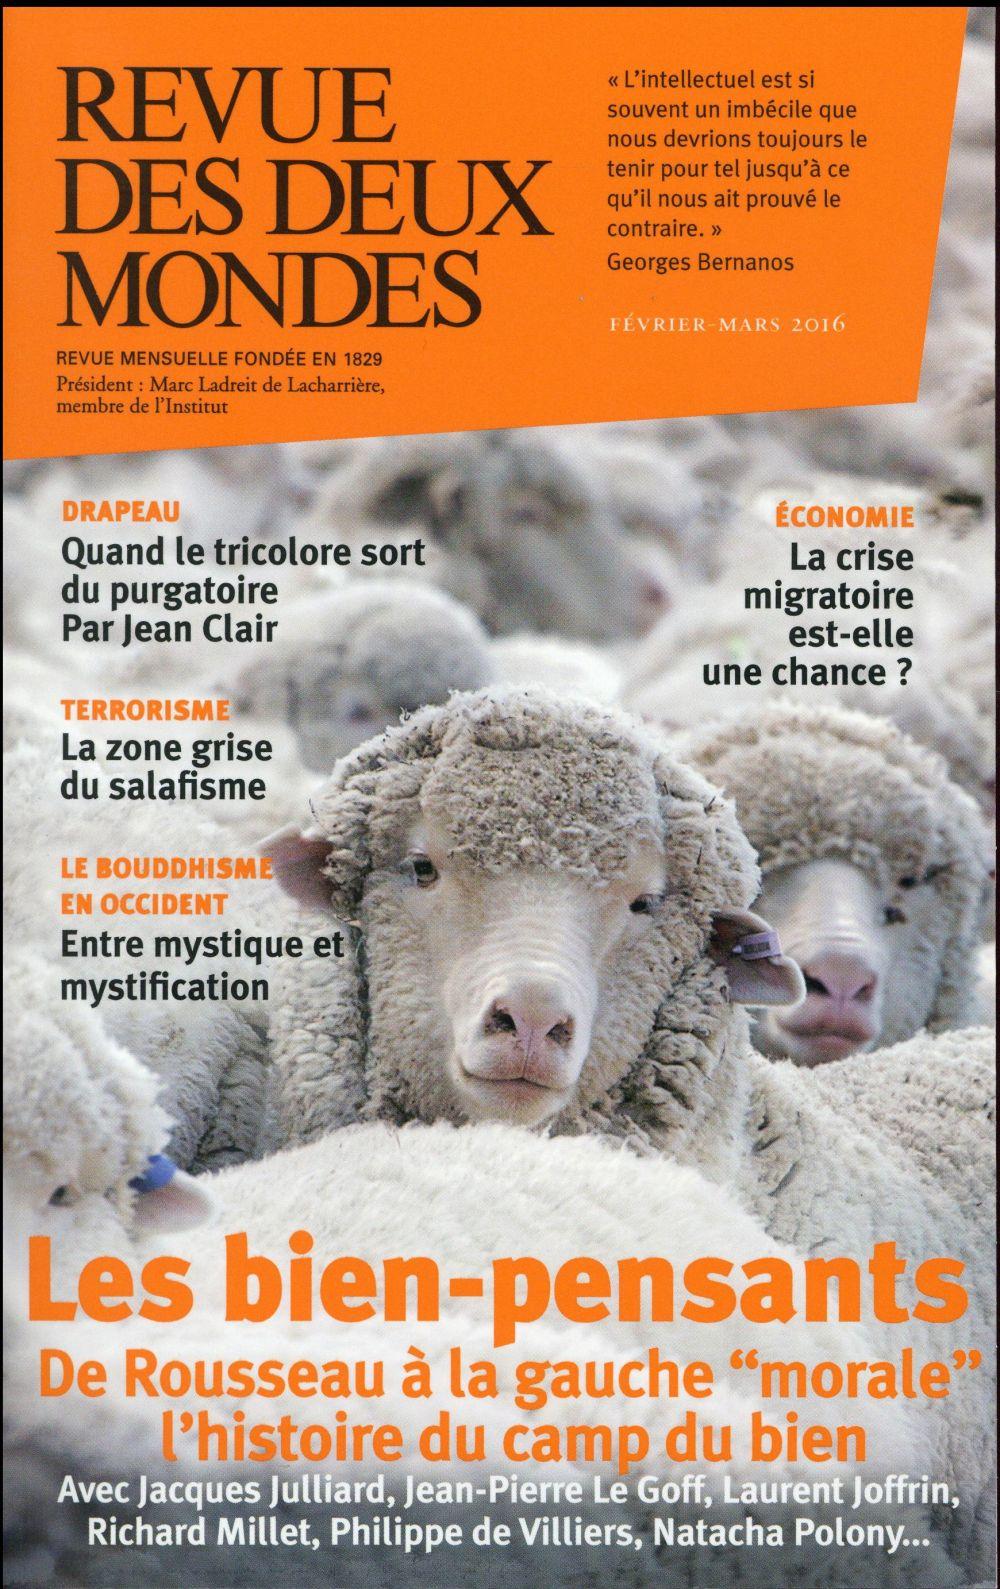 REVUE DES DEUX MONDES FEVRIER/MARS 2016 LES BIEN-PENSANTS